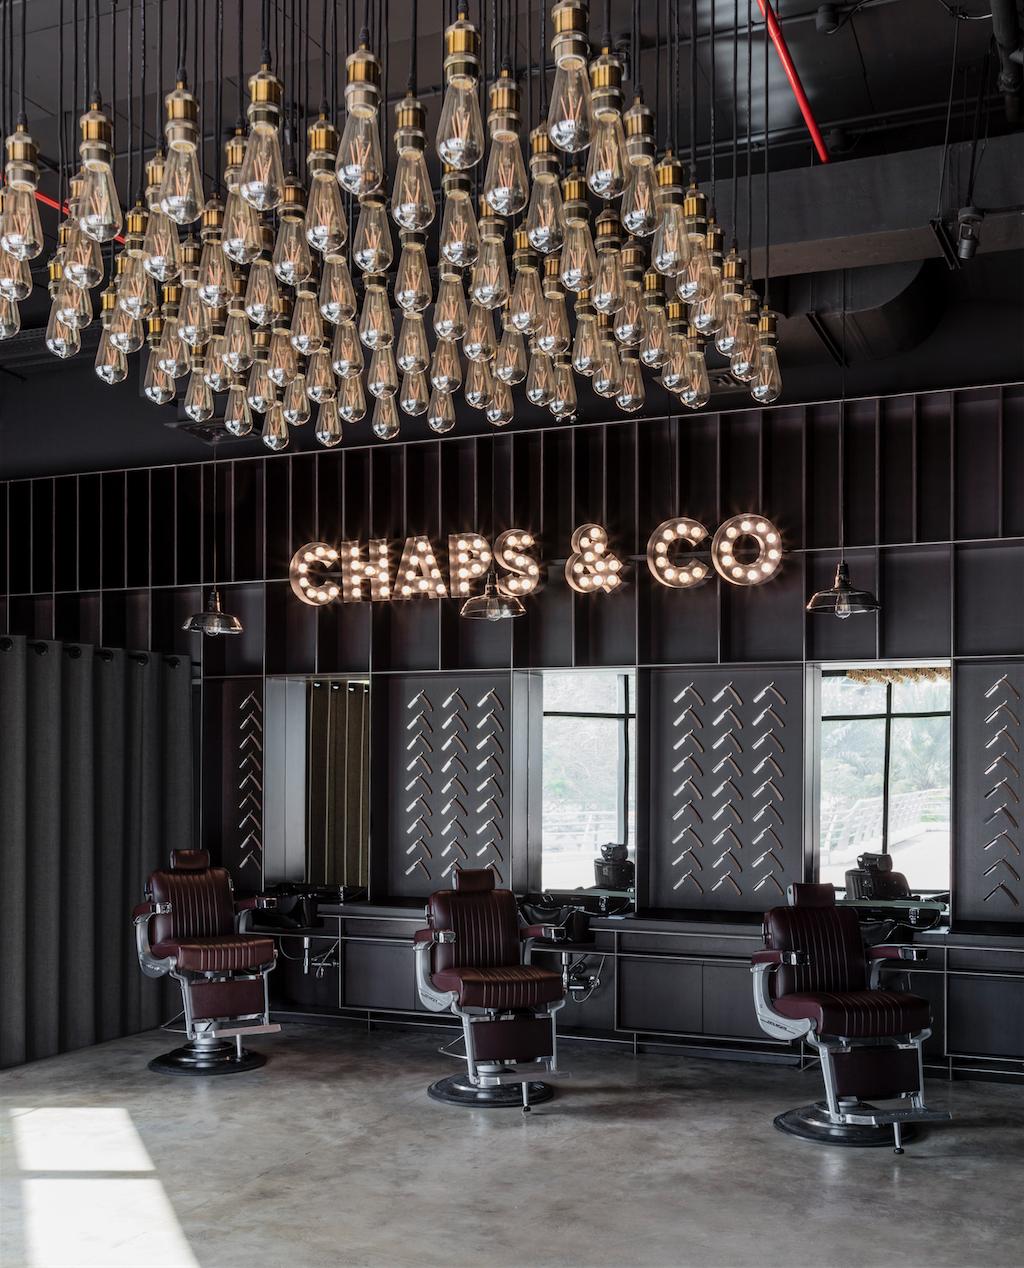 Shop Decor: Chaps & Co Barbershop JLT. Dubai